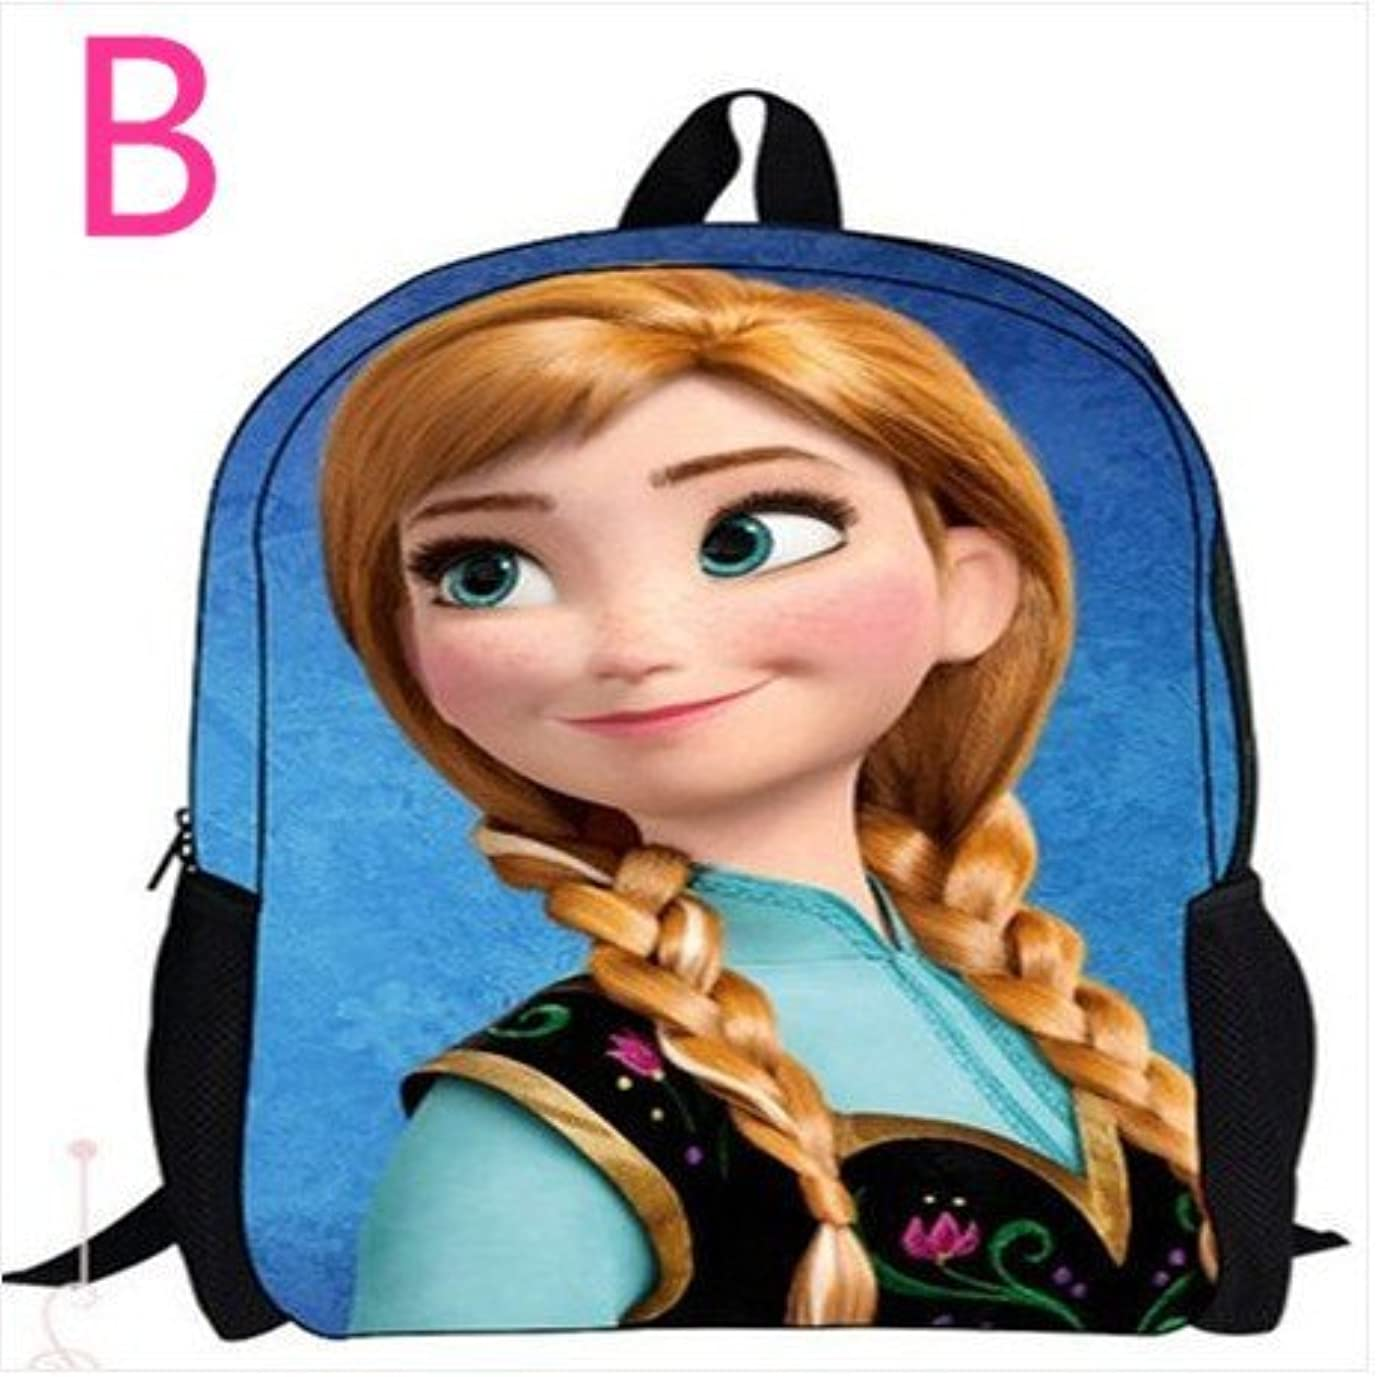 木製均等に曖昧なアナと雪の女王 Frozen ディズニー キッズ 子供 鞄 リュックサック ファッション リュック 男女兼用バッグbby1